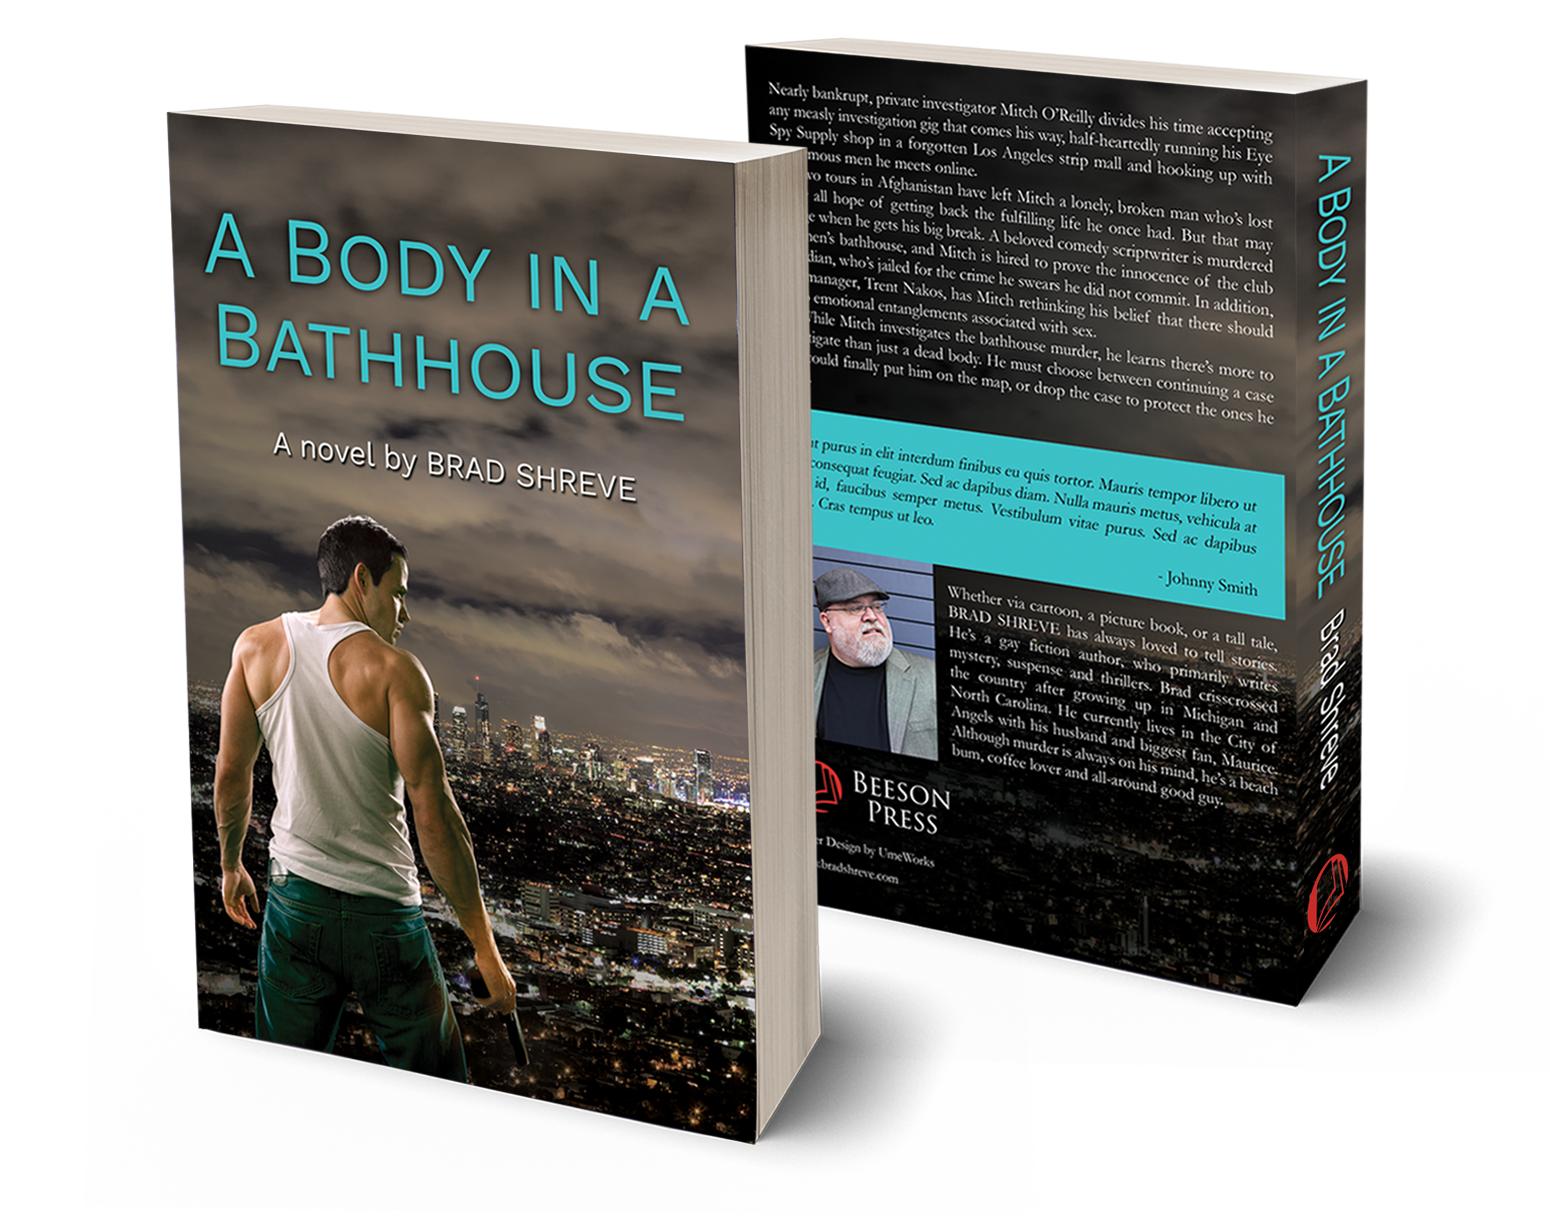 Author Brad Shreve's debut novel